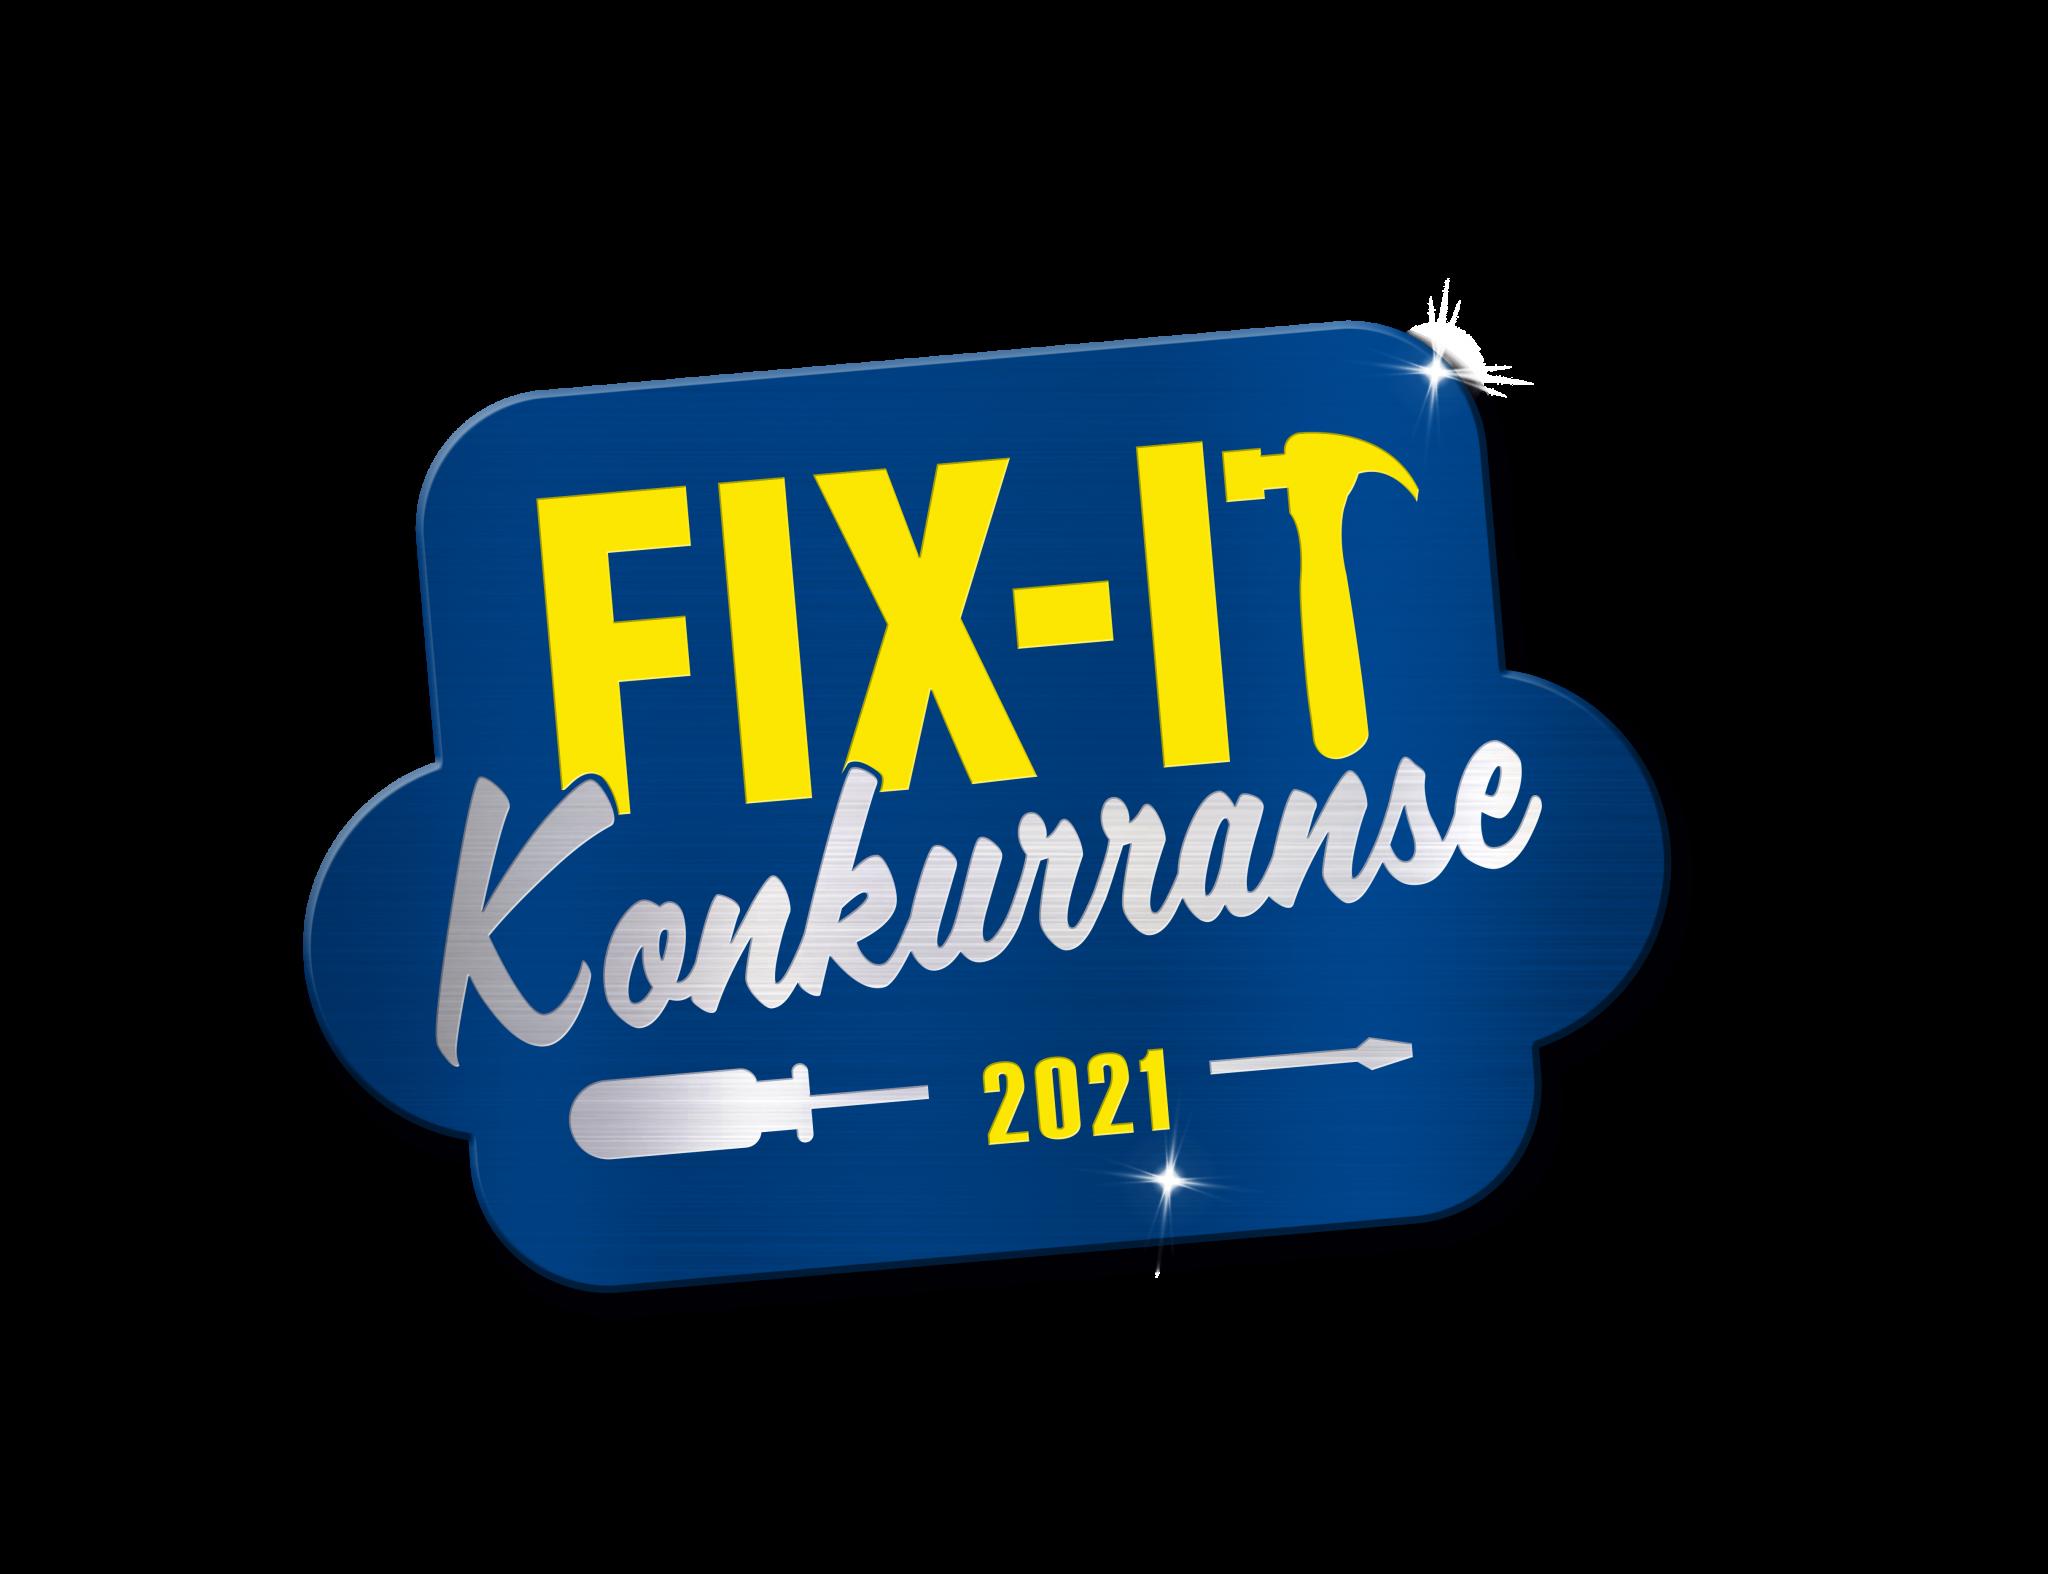 fix it logo no